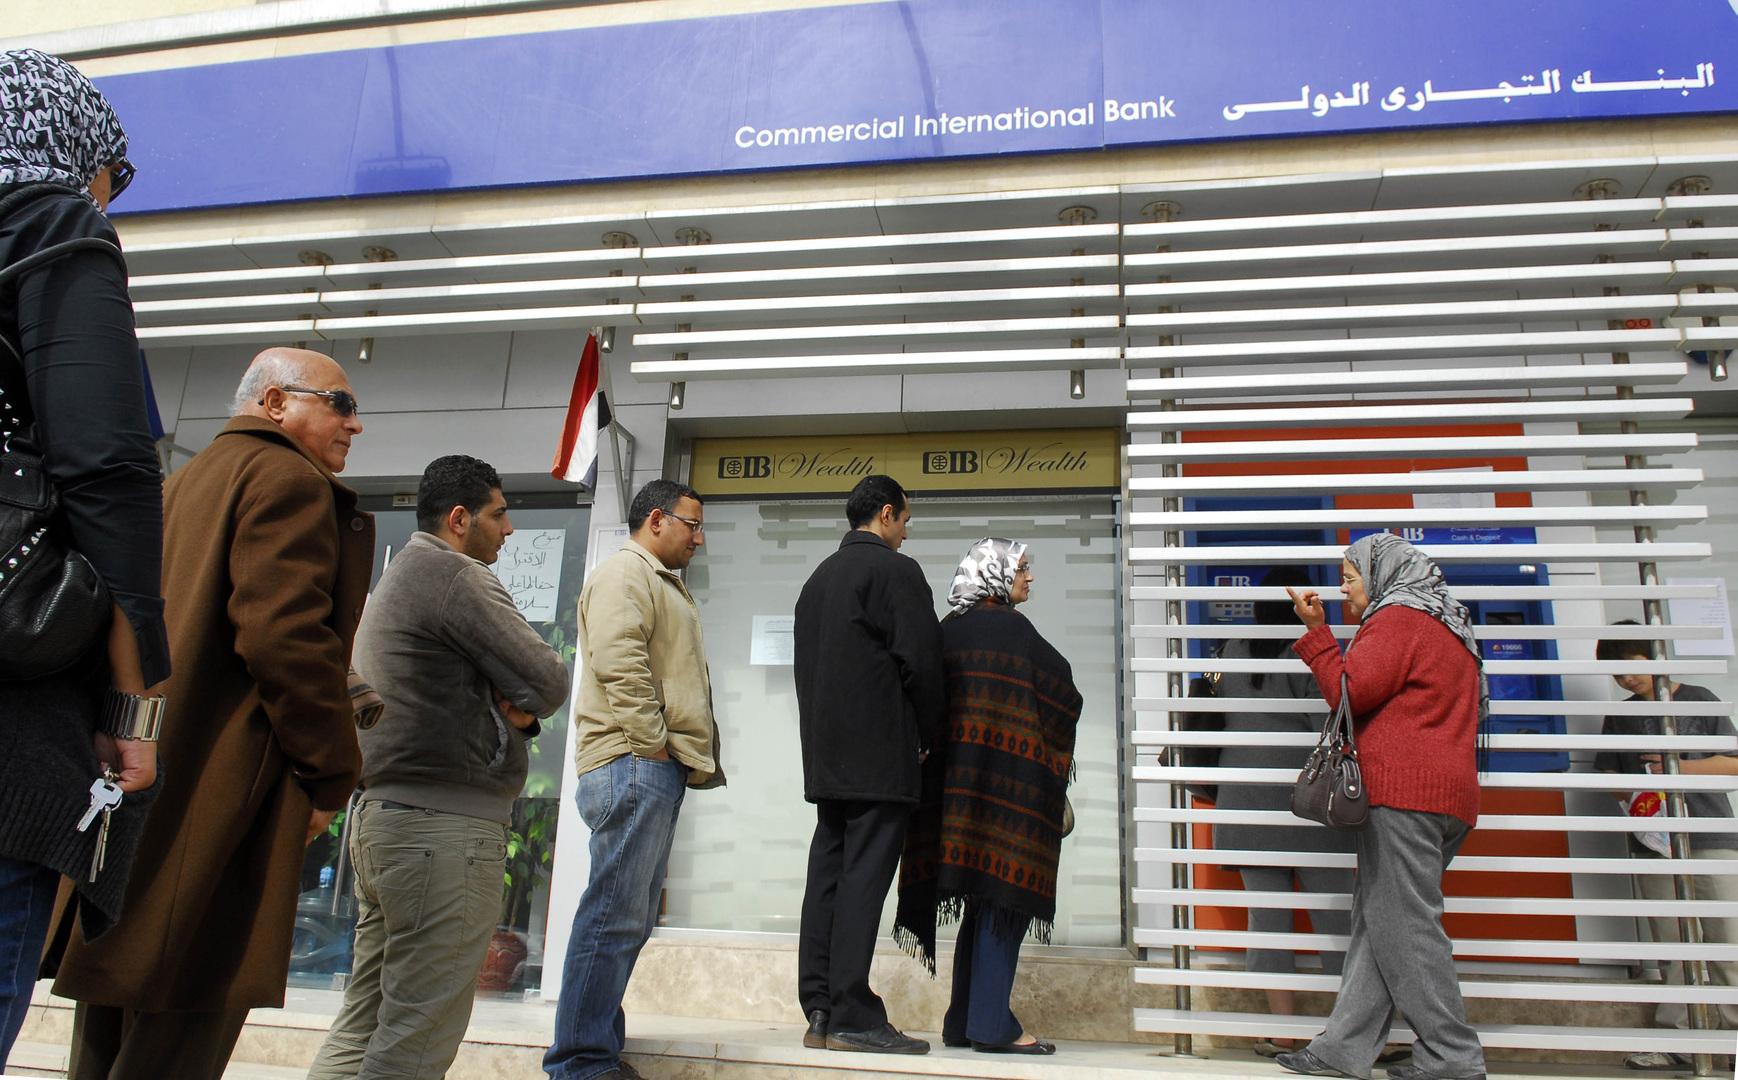 المالية المصرية تعلق على مسألة فرض عمولة على السحب من ماكينة الصراف الآلي